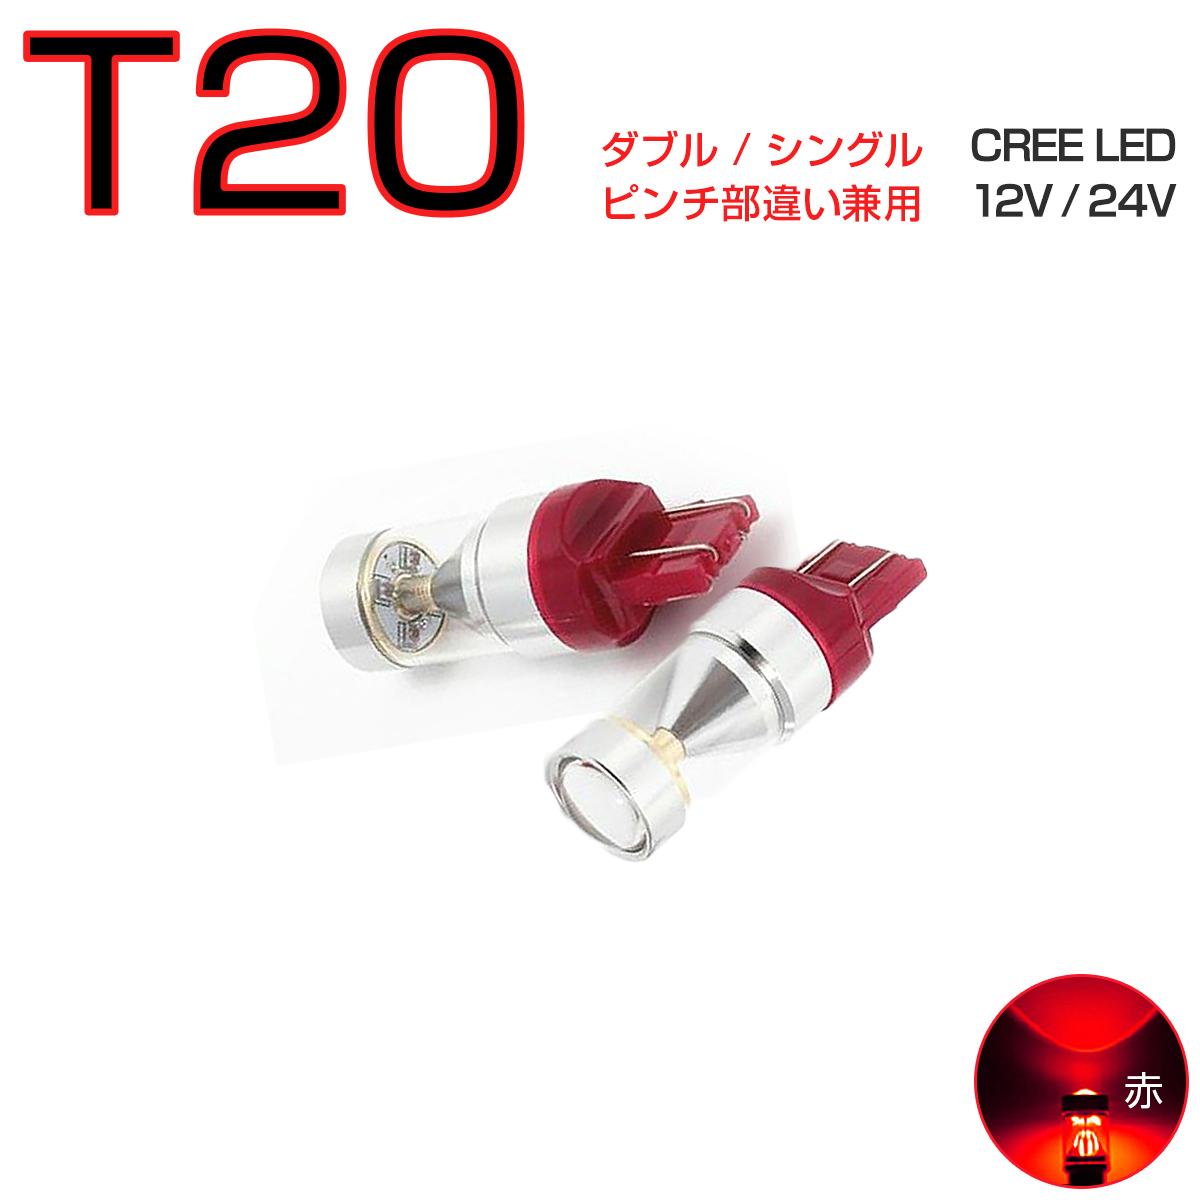 超人気 専門店 プロジェクトとバルブ側面にスリットデザインを採用することで 高い拡散性と集光性 単灯式バルブながらランプ全体を照射することが可能 HONDA ライフ H20.11~H22.10 人気 おすすめ JC1 2 ブレーキテール ストップ 赤色 1年保証 赤 キャンセラー付き 2個入り 24V LED 12V T20